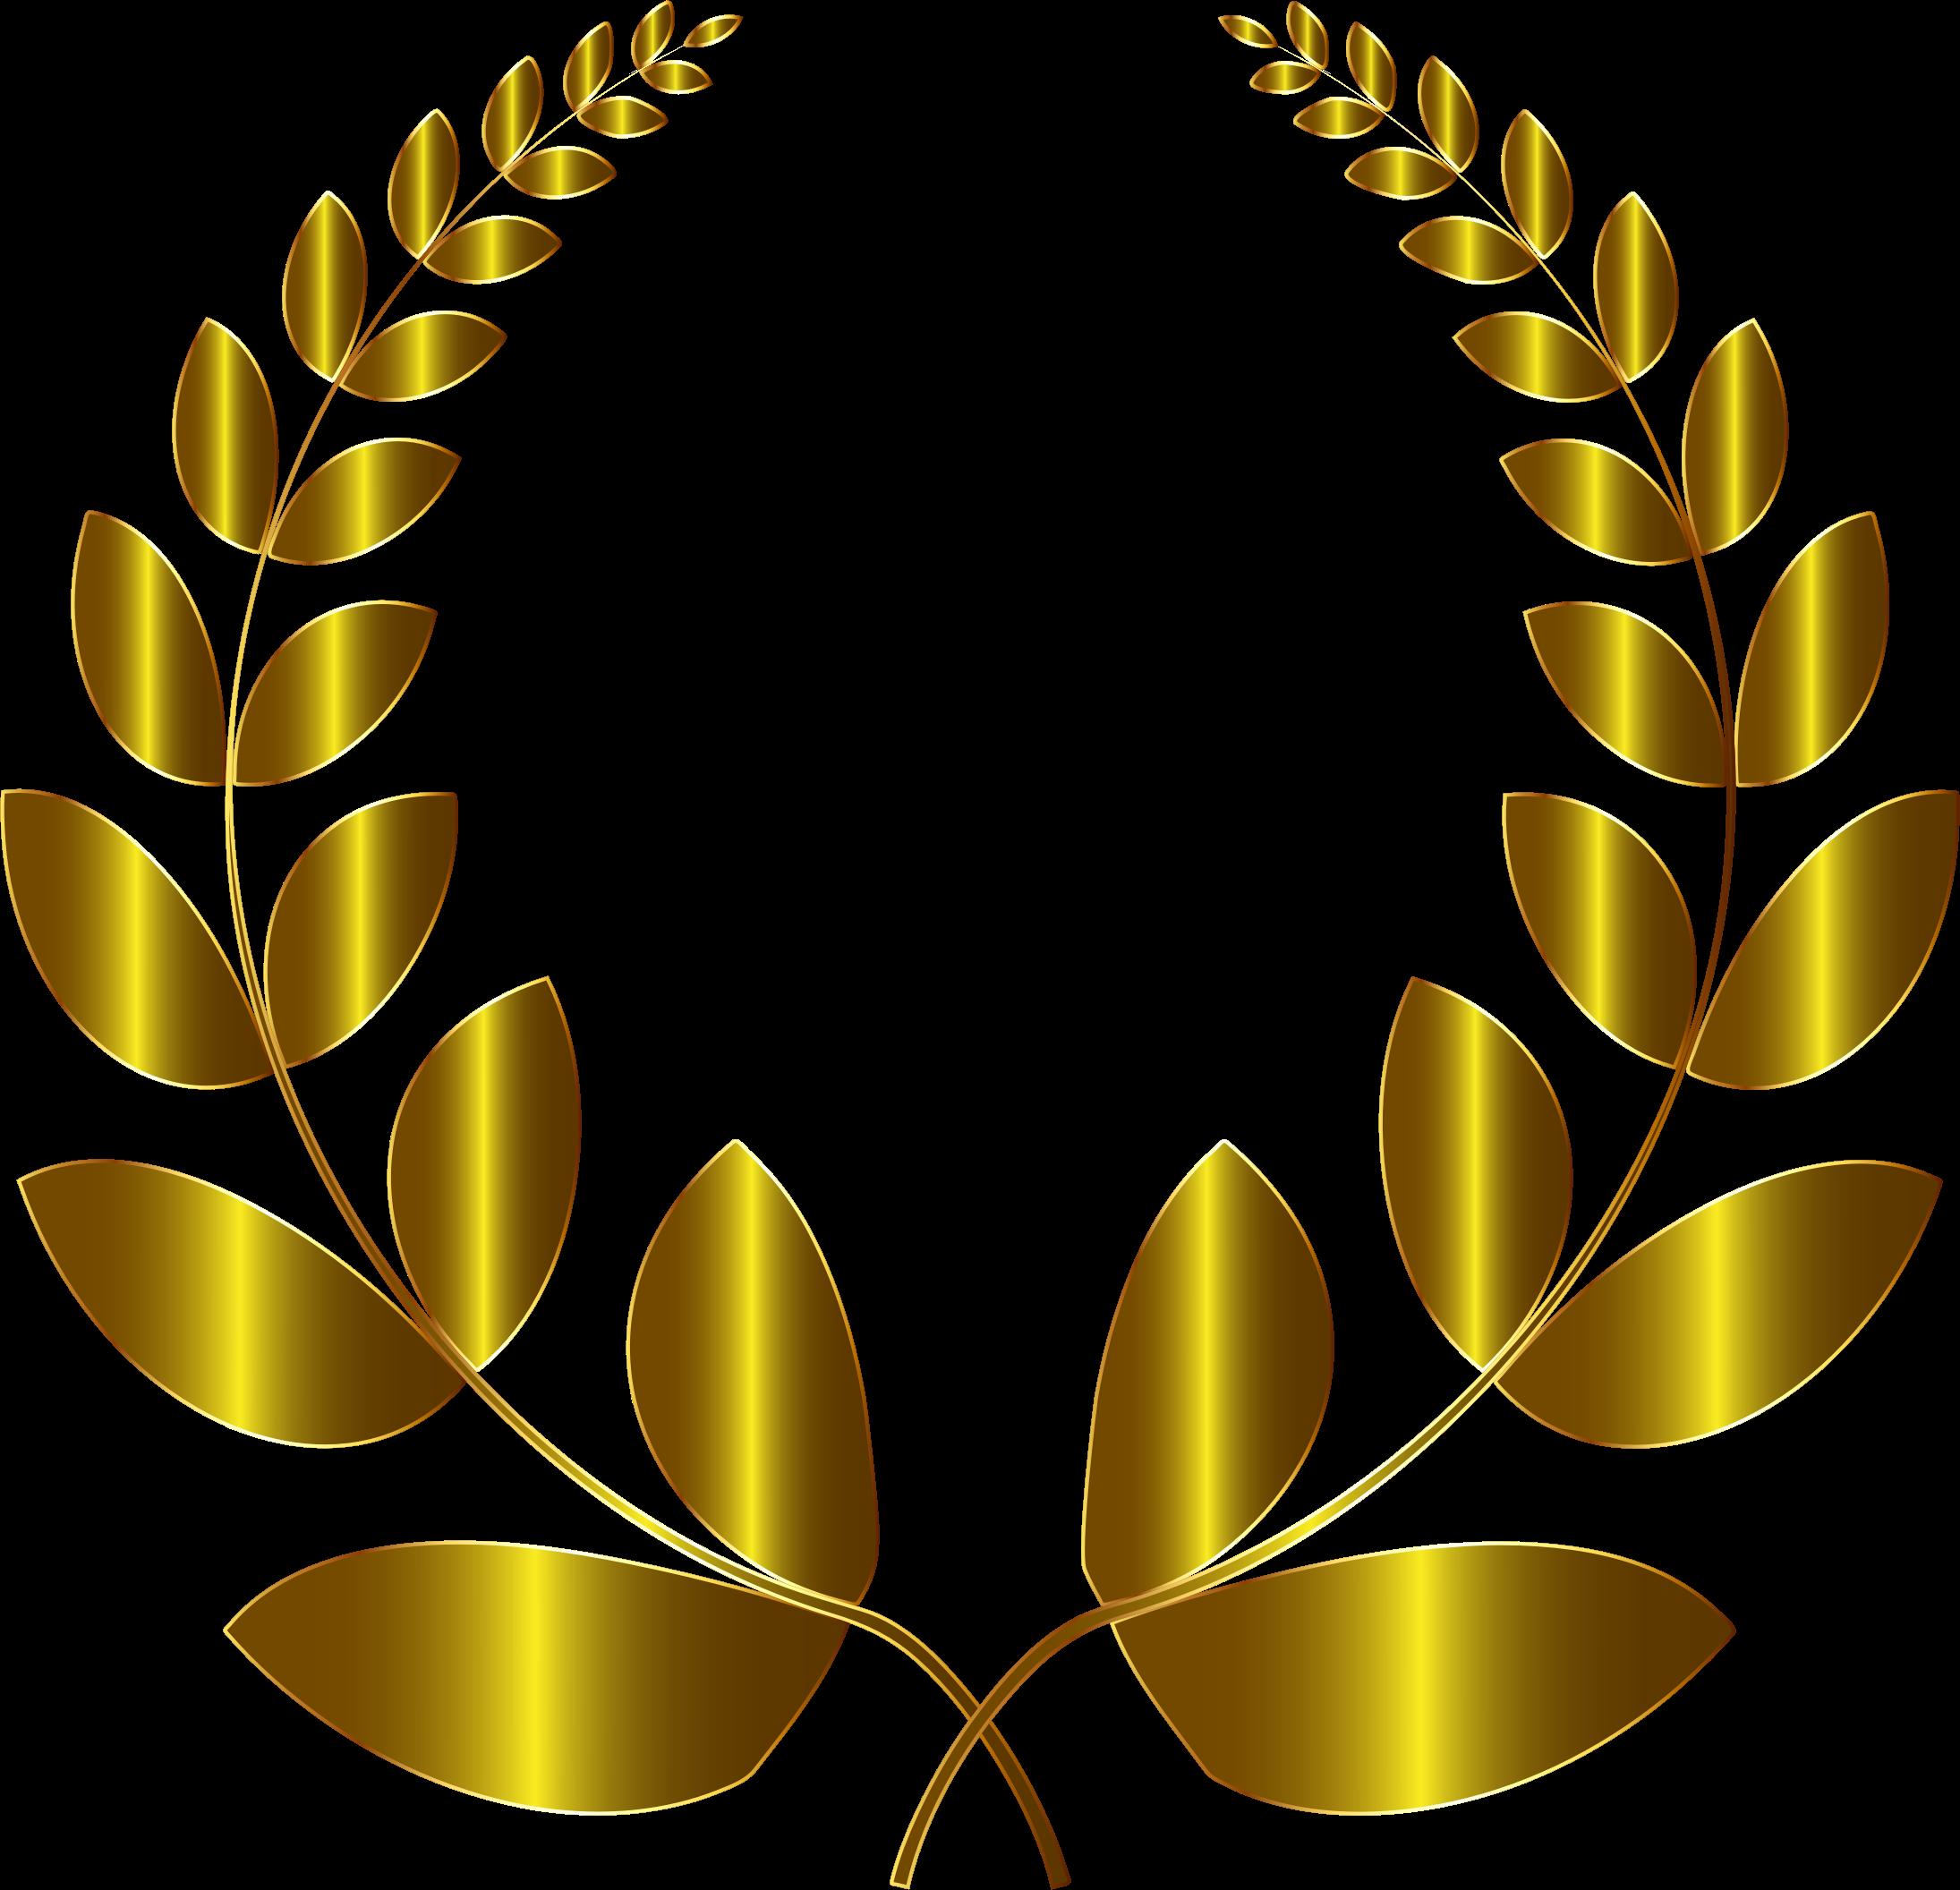 clipart transparent Gold wreath no background. Laurel clipart.